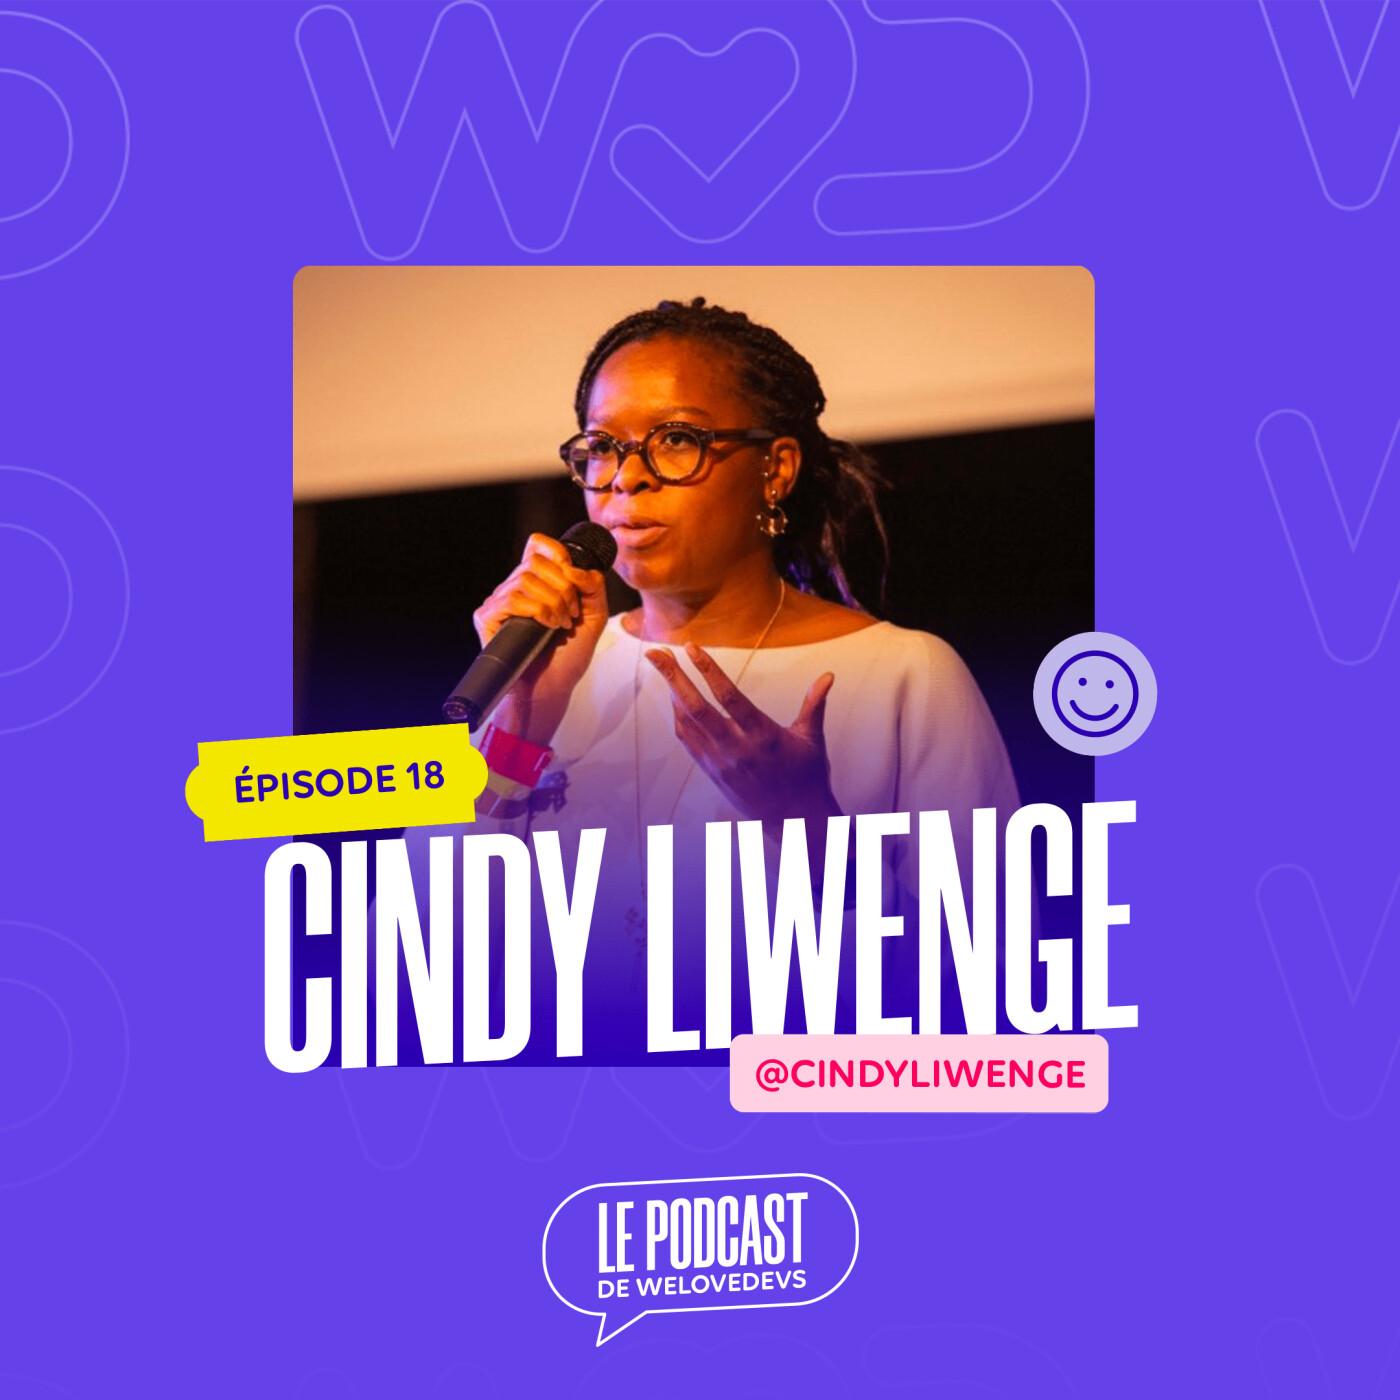 #18 - Cindy Liwenge - Les personnes majoritaires peuvent agir